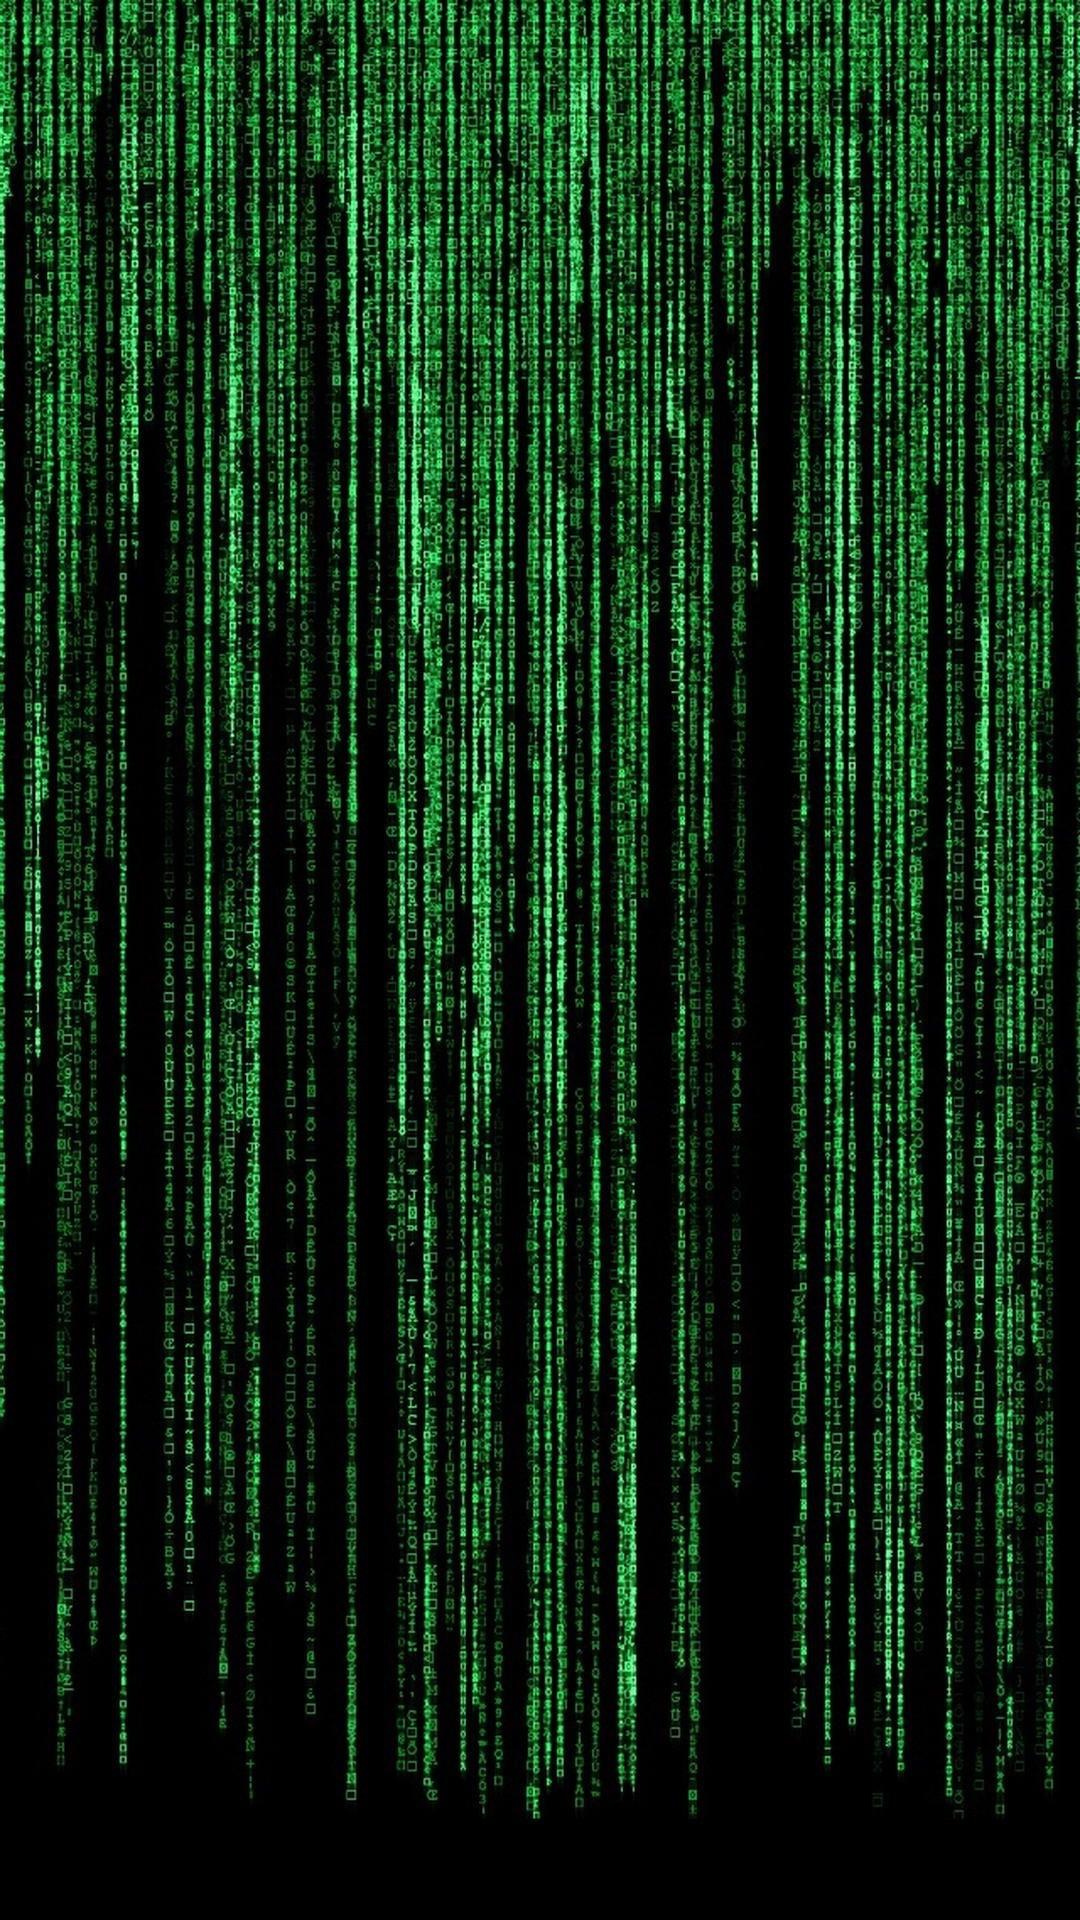 Matrix wallpaper for iPhone